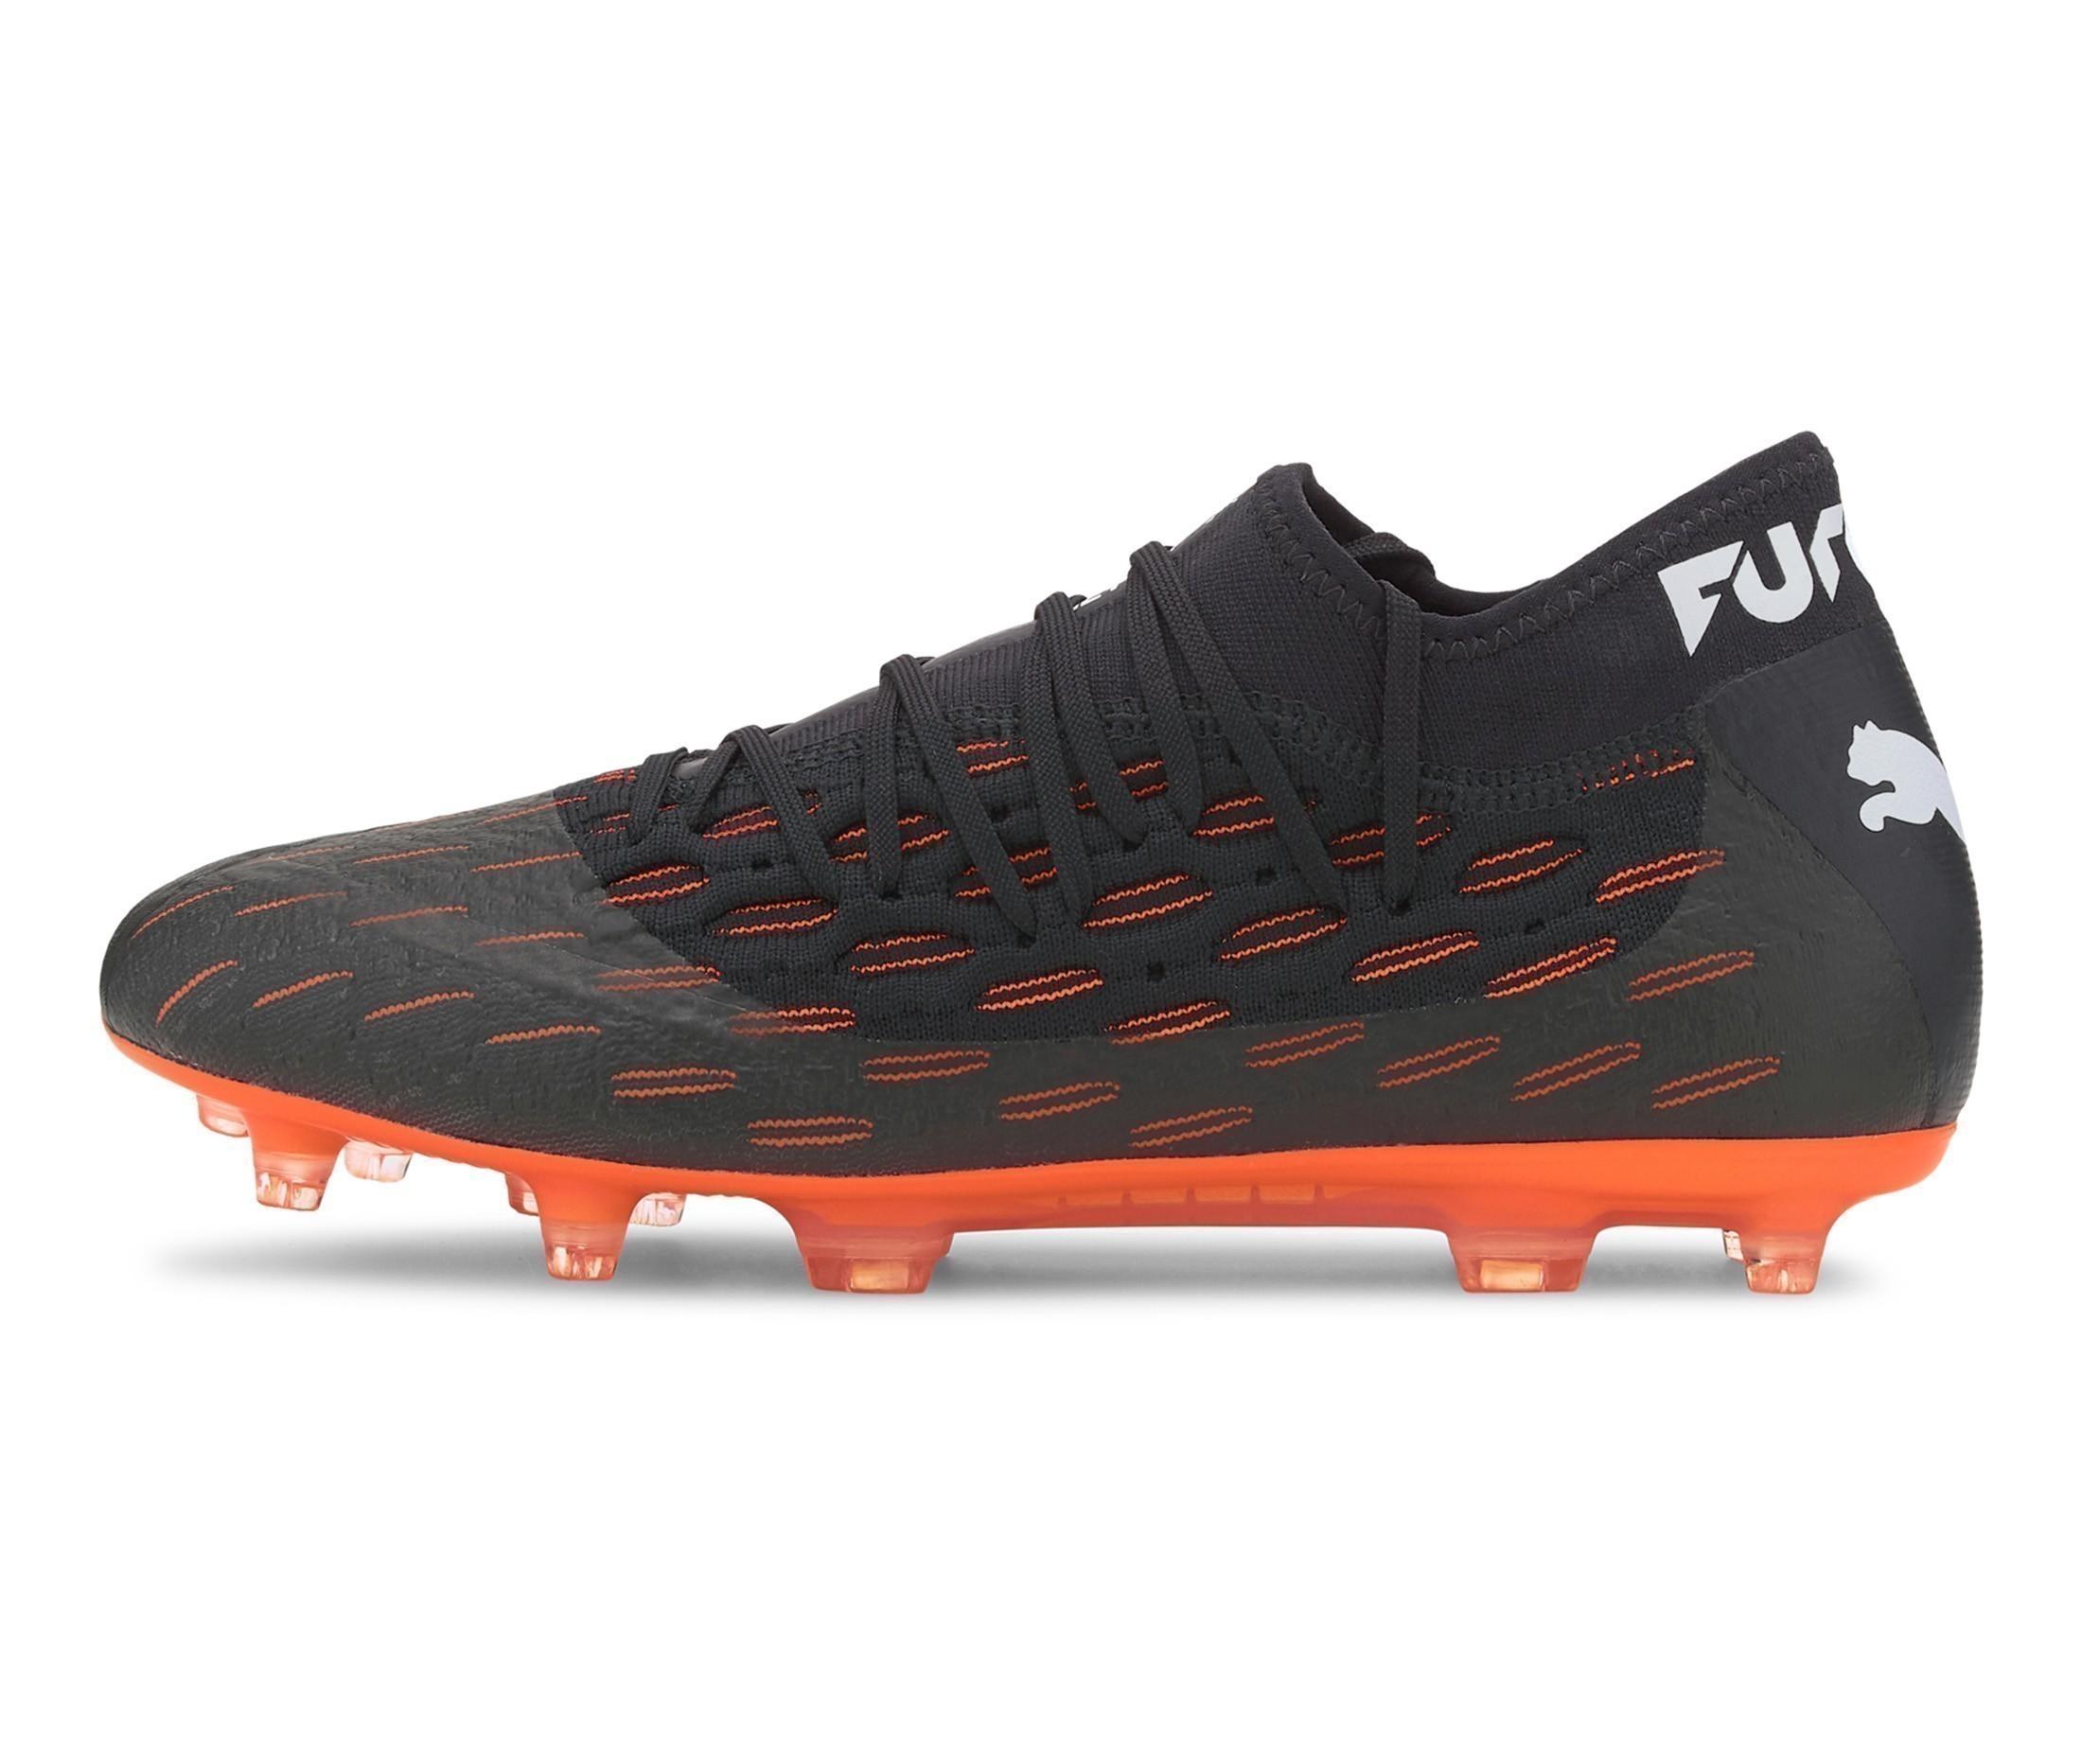 PUMA | Chaussures de foot | Footcenter